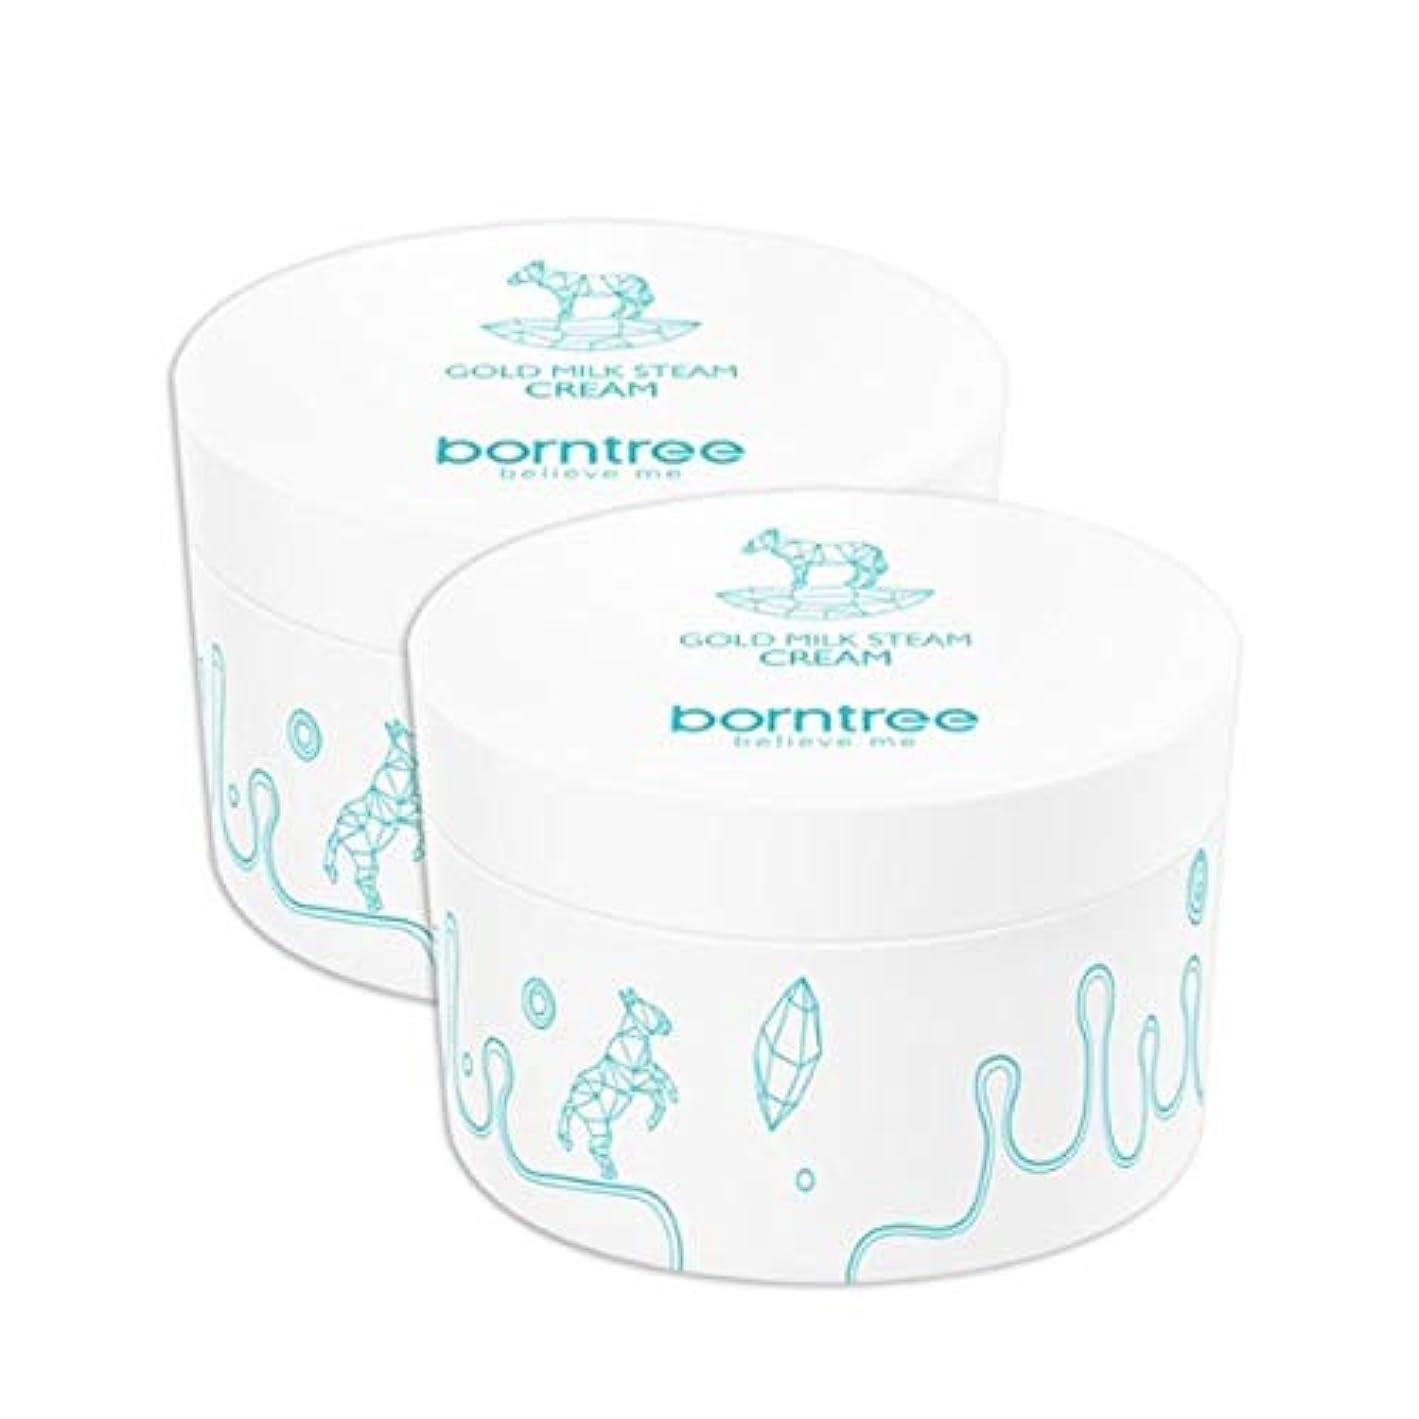 包囲月面特定のボンツリーゴールドミルクスチームクリーム200gx2本セット韓国コスメ, Borntree Gold Milk Steam Cream 200gx2ea Set, Korean Cosmetics [並行輸入品]